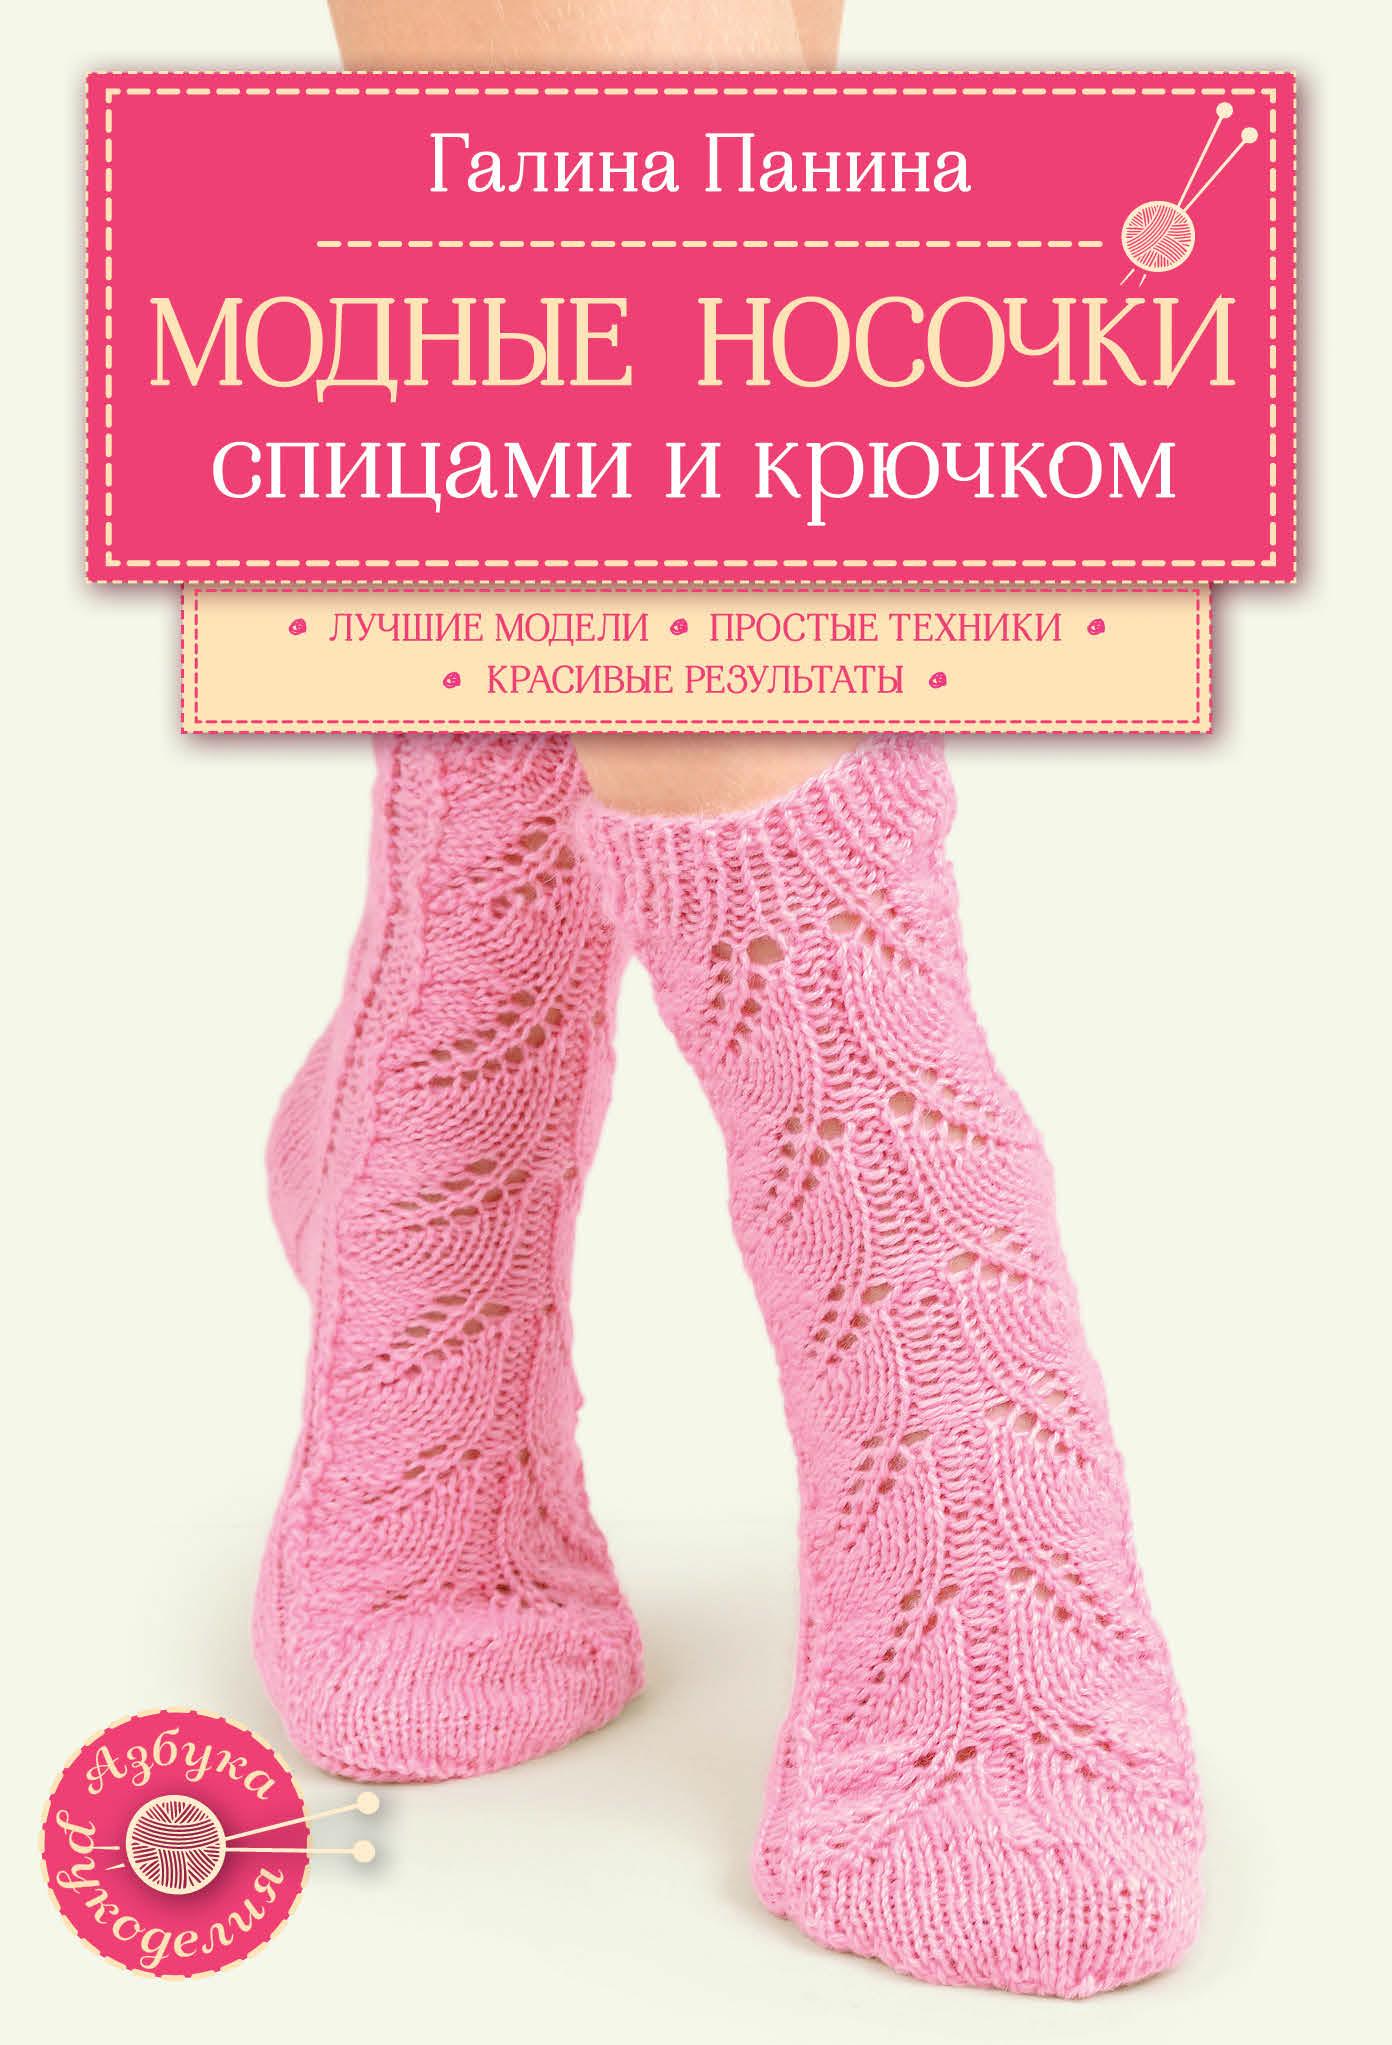 Галина Панина Модные носочки спицами и крючком стильные носочки в технике нукинг